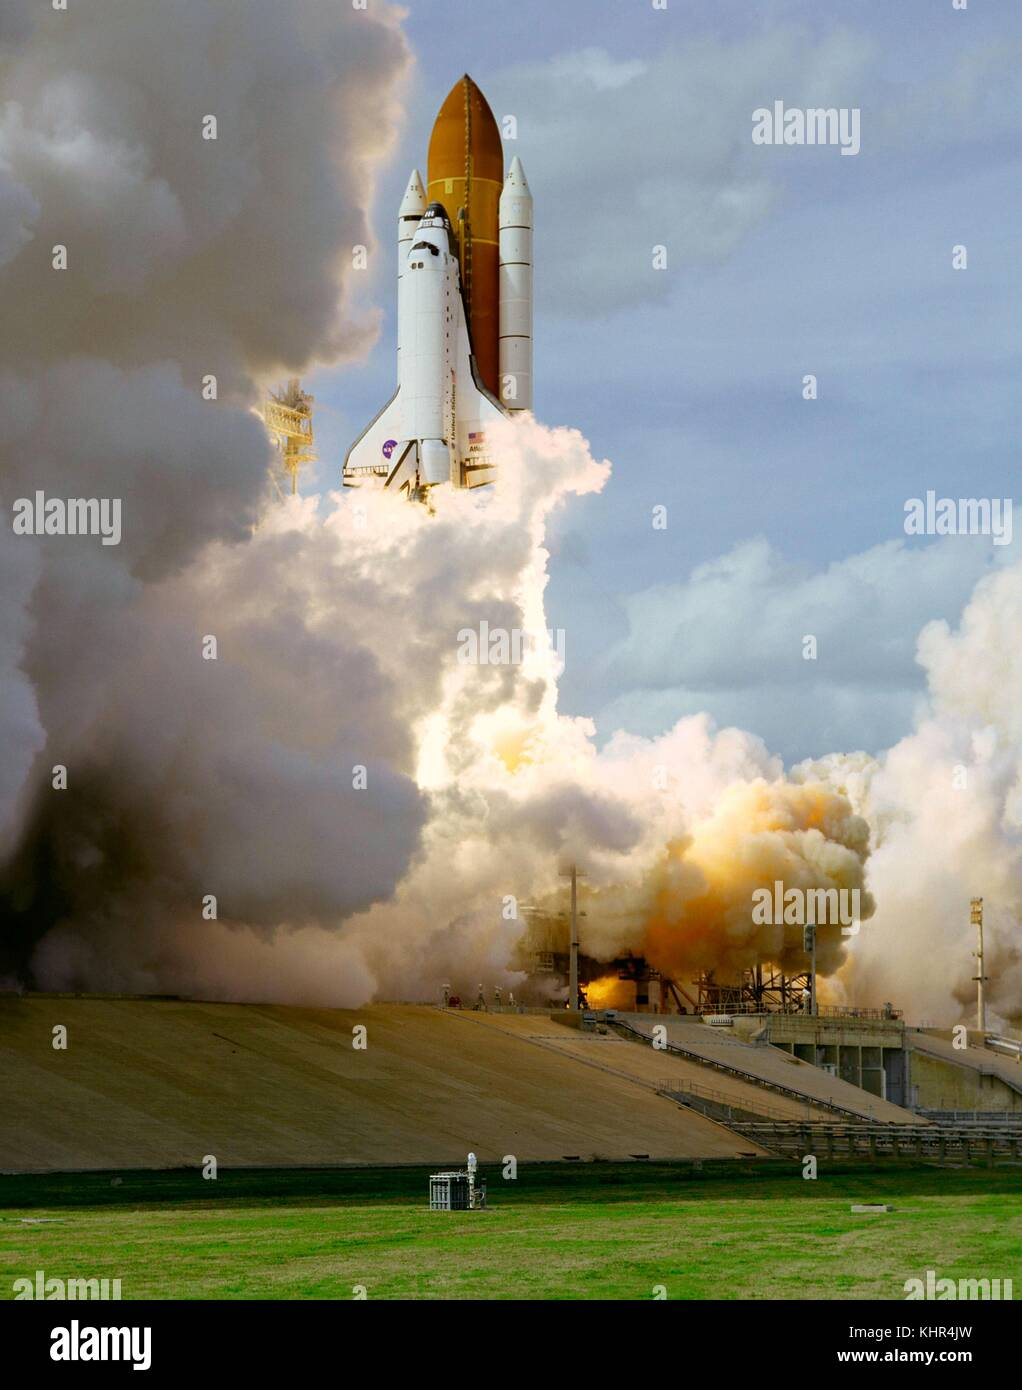 Dello Space Shuttle Space-Shuttle NASA RAZZO AEREO Lavoro Manuale Legno Nuovo